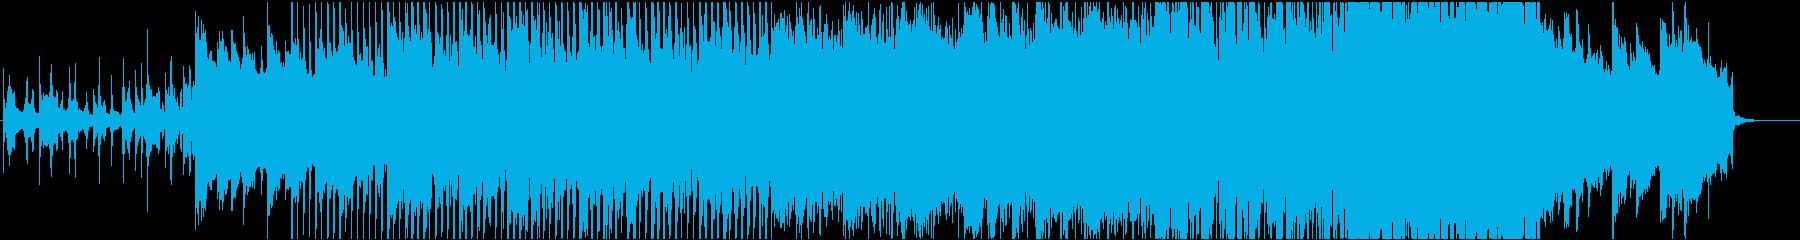 ピアノが印象的なエレクトロニカ、映像等にの再生済みの波形